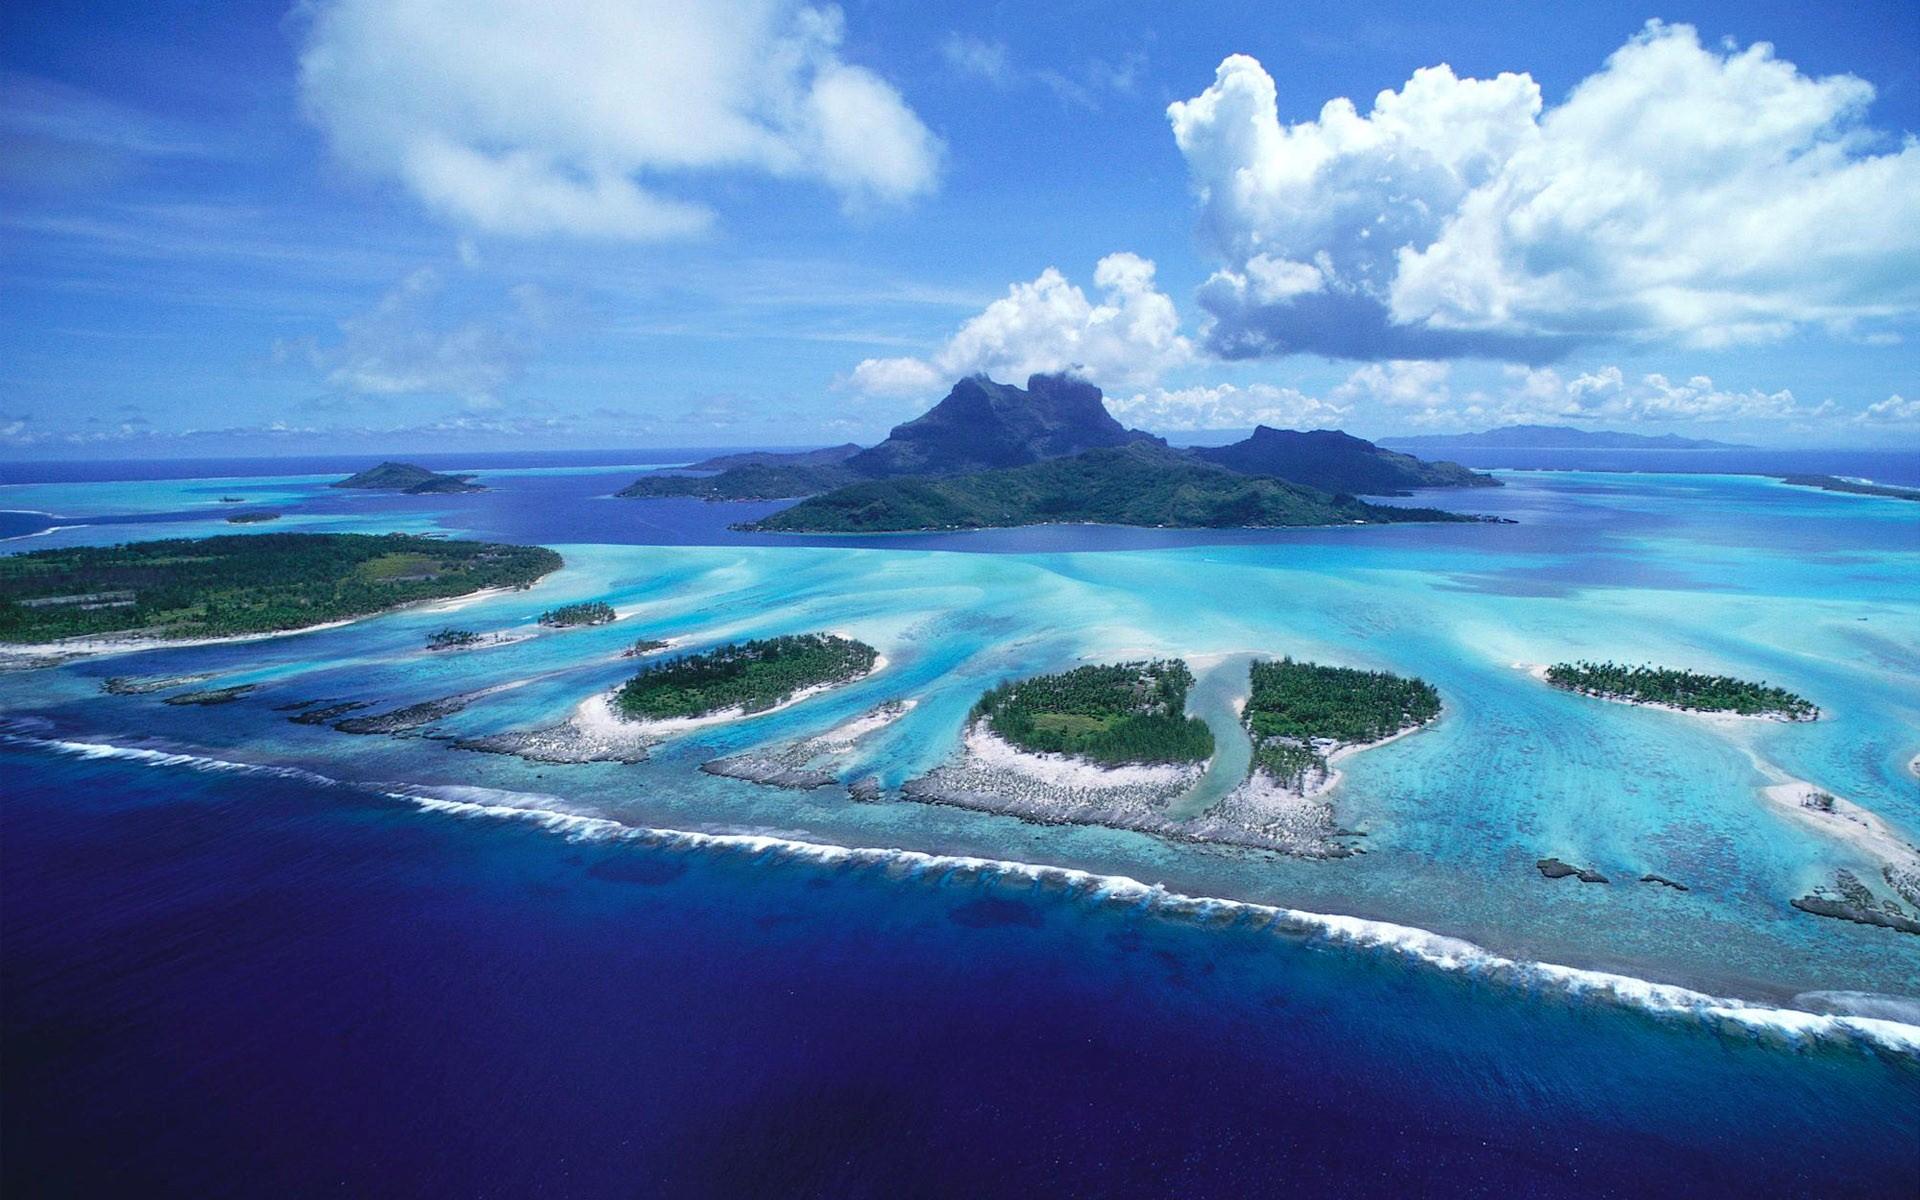 Bora Bora Beautiful Island in French Polynesia HD Wallpaper HD 1920x1200